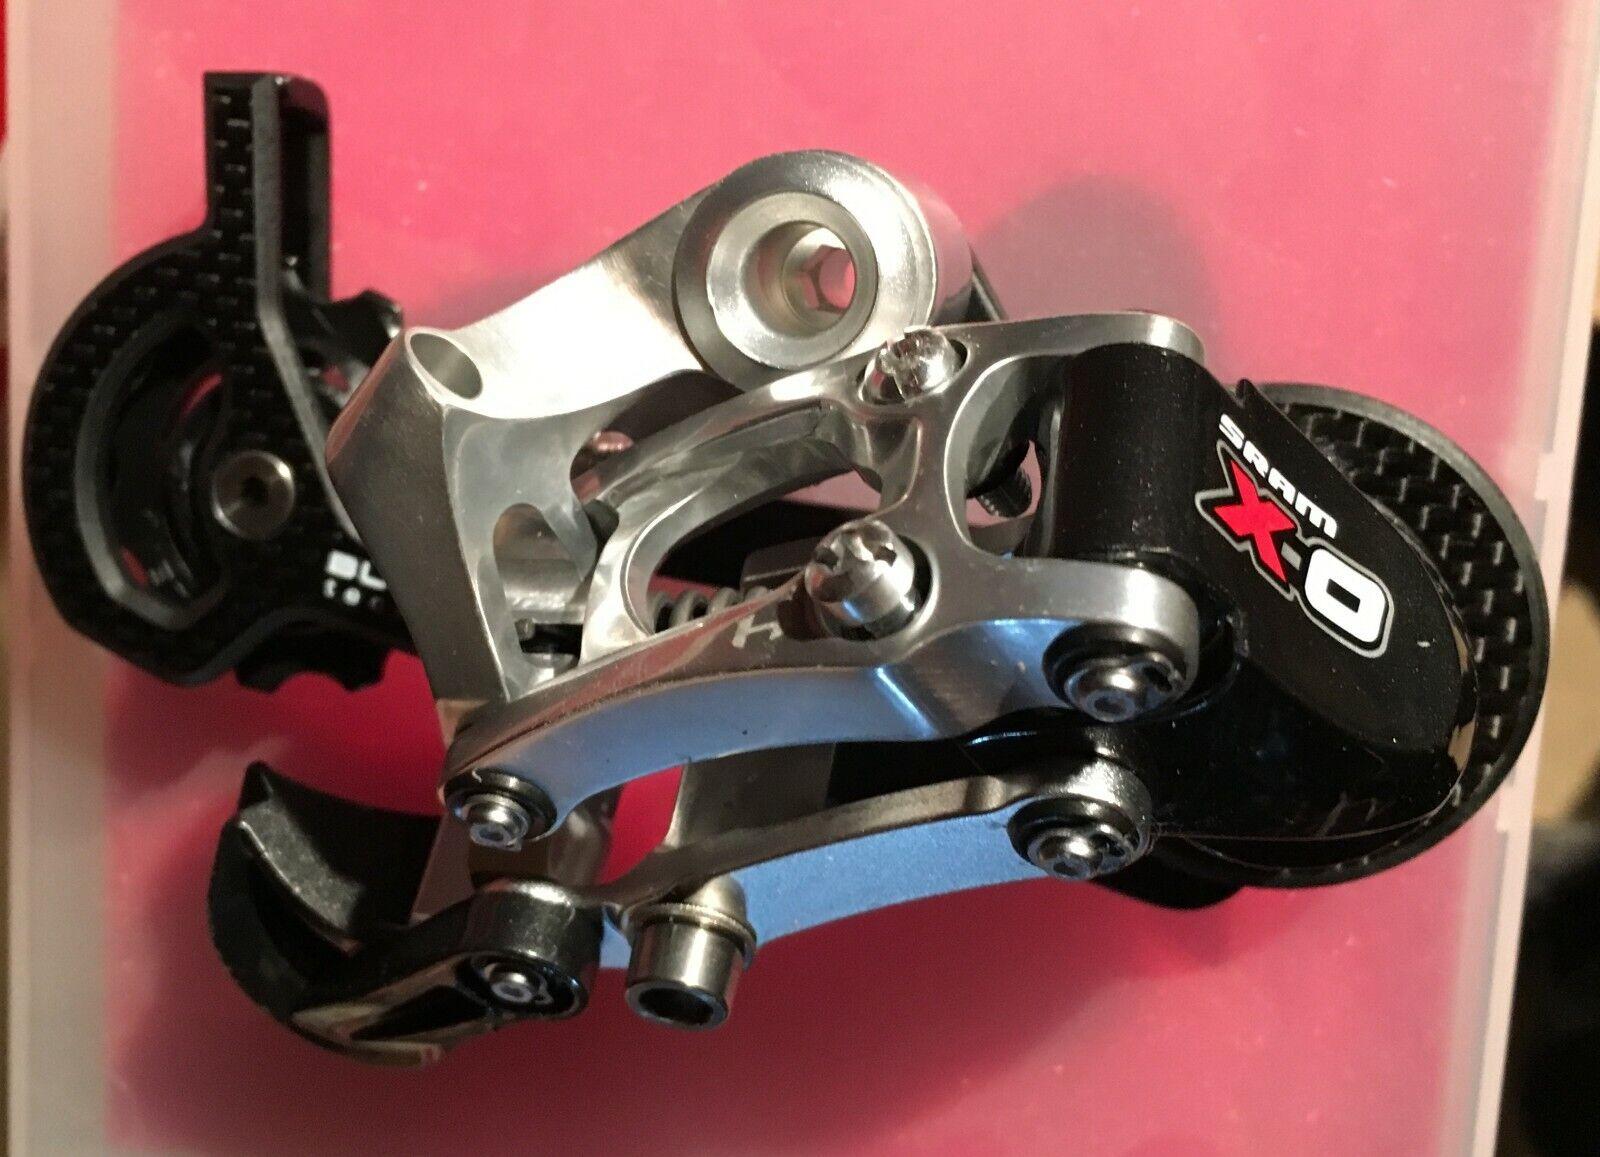 Cambio bici posteriore MTB Sram X0 lungo cage 9s rosso mountain bicicletta rear deraillur